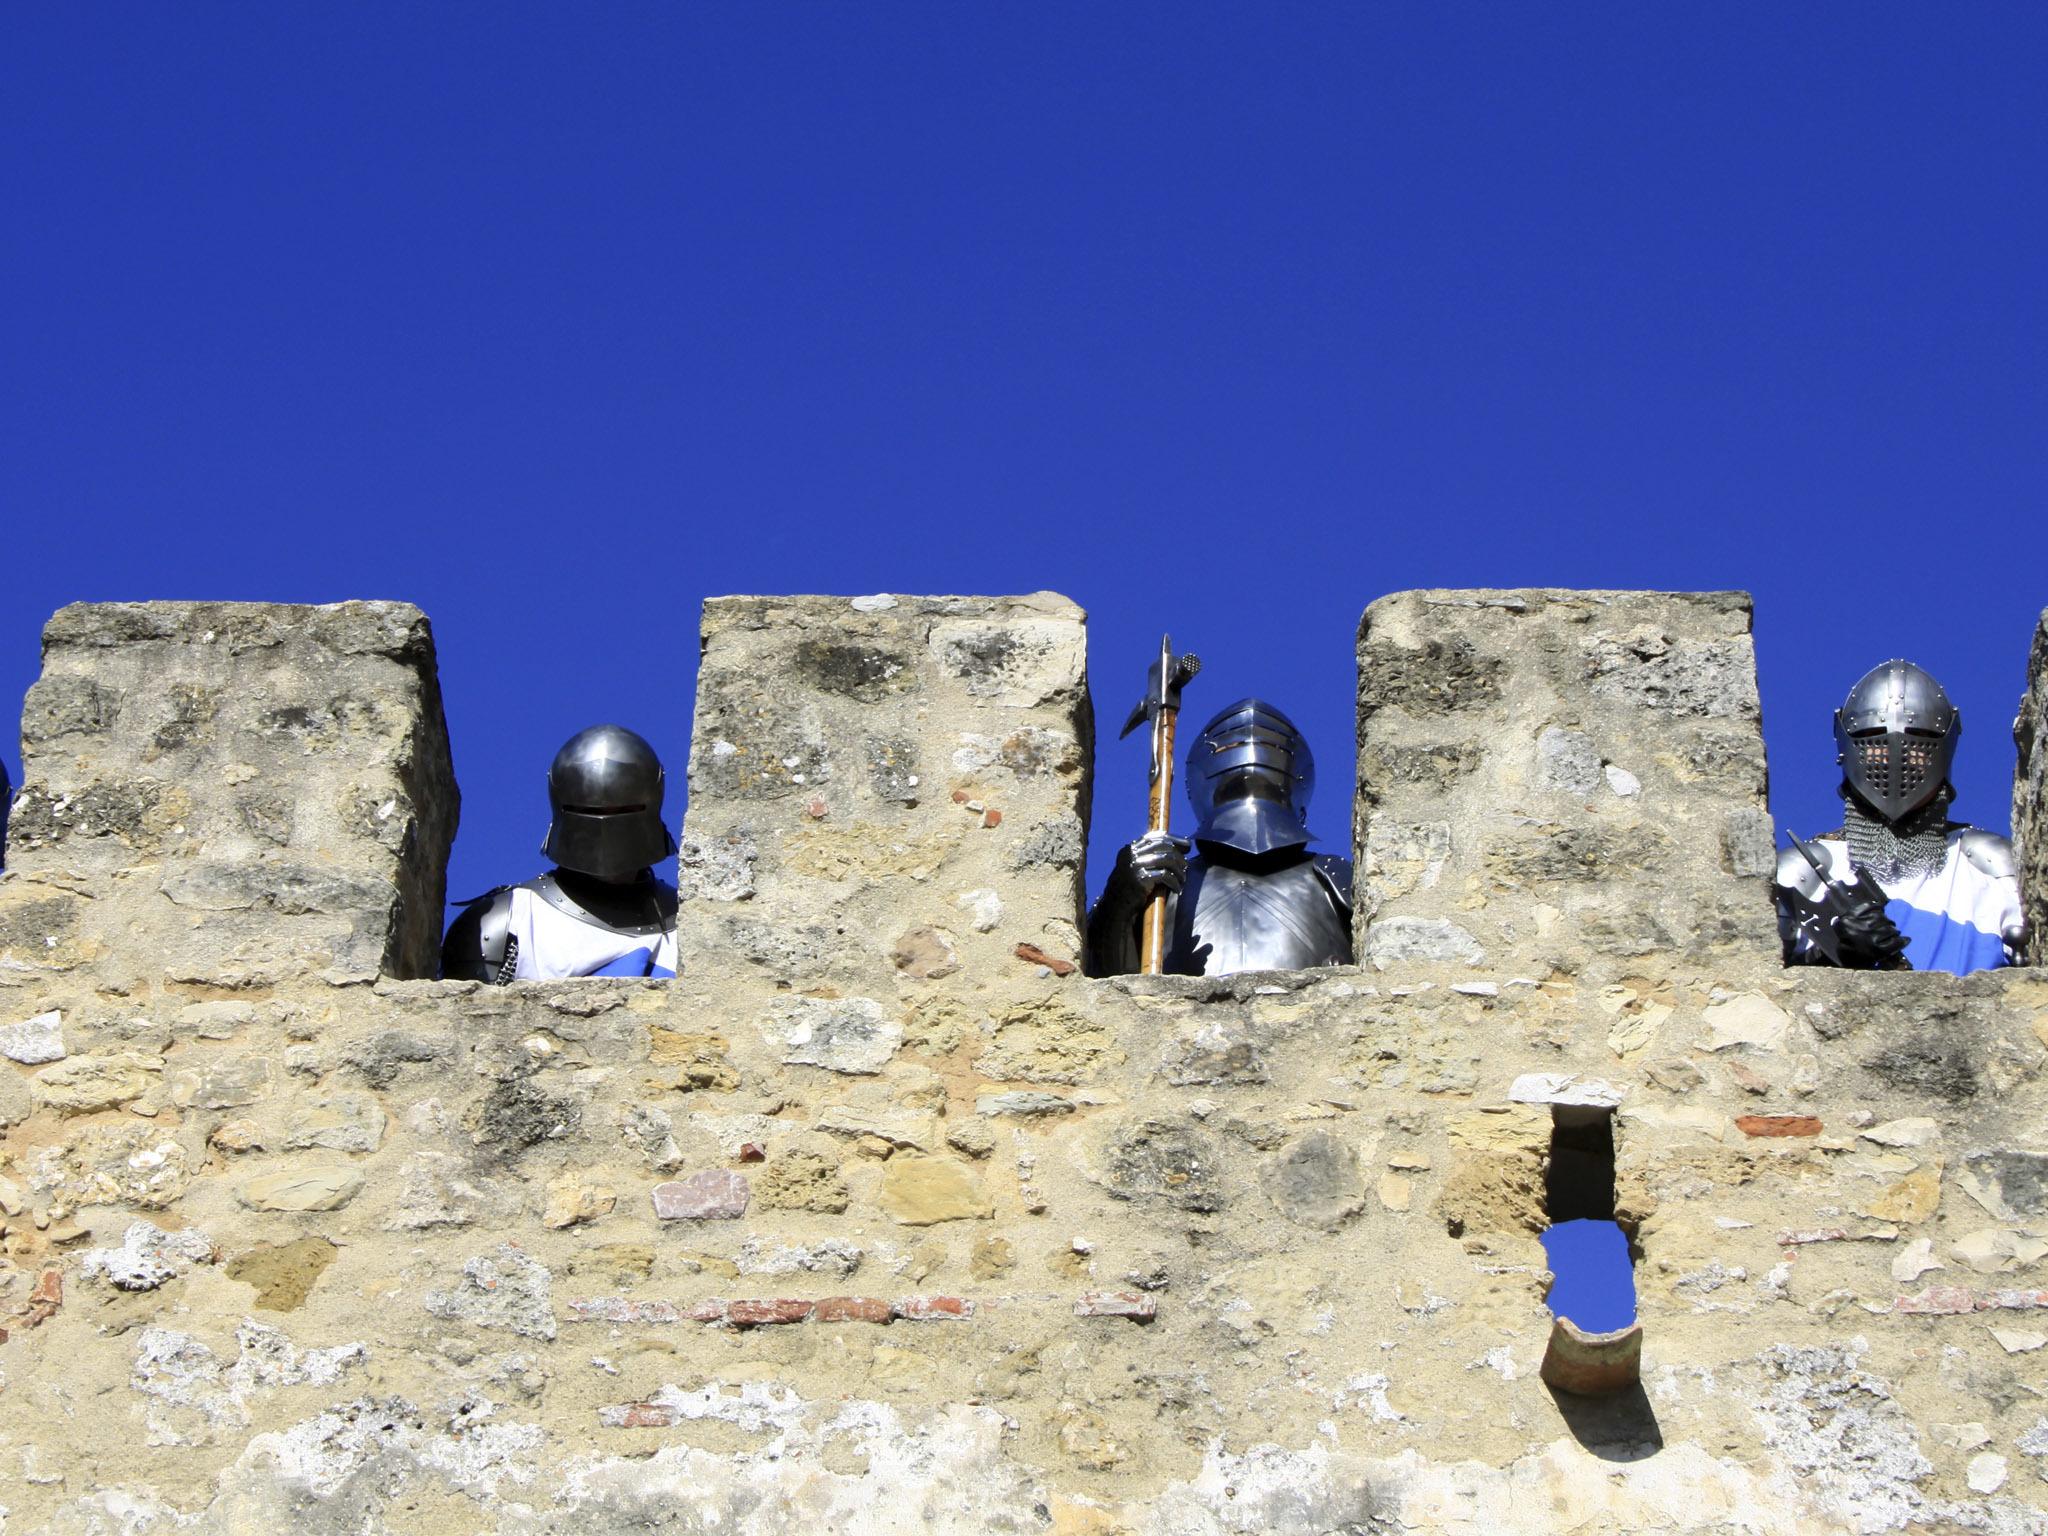 Castelo de São Jorge medieval